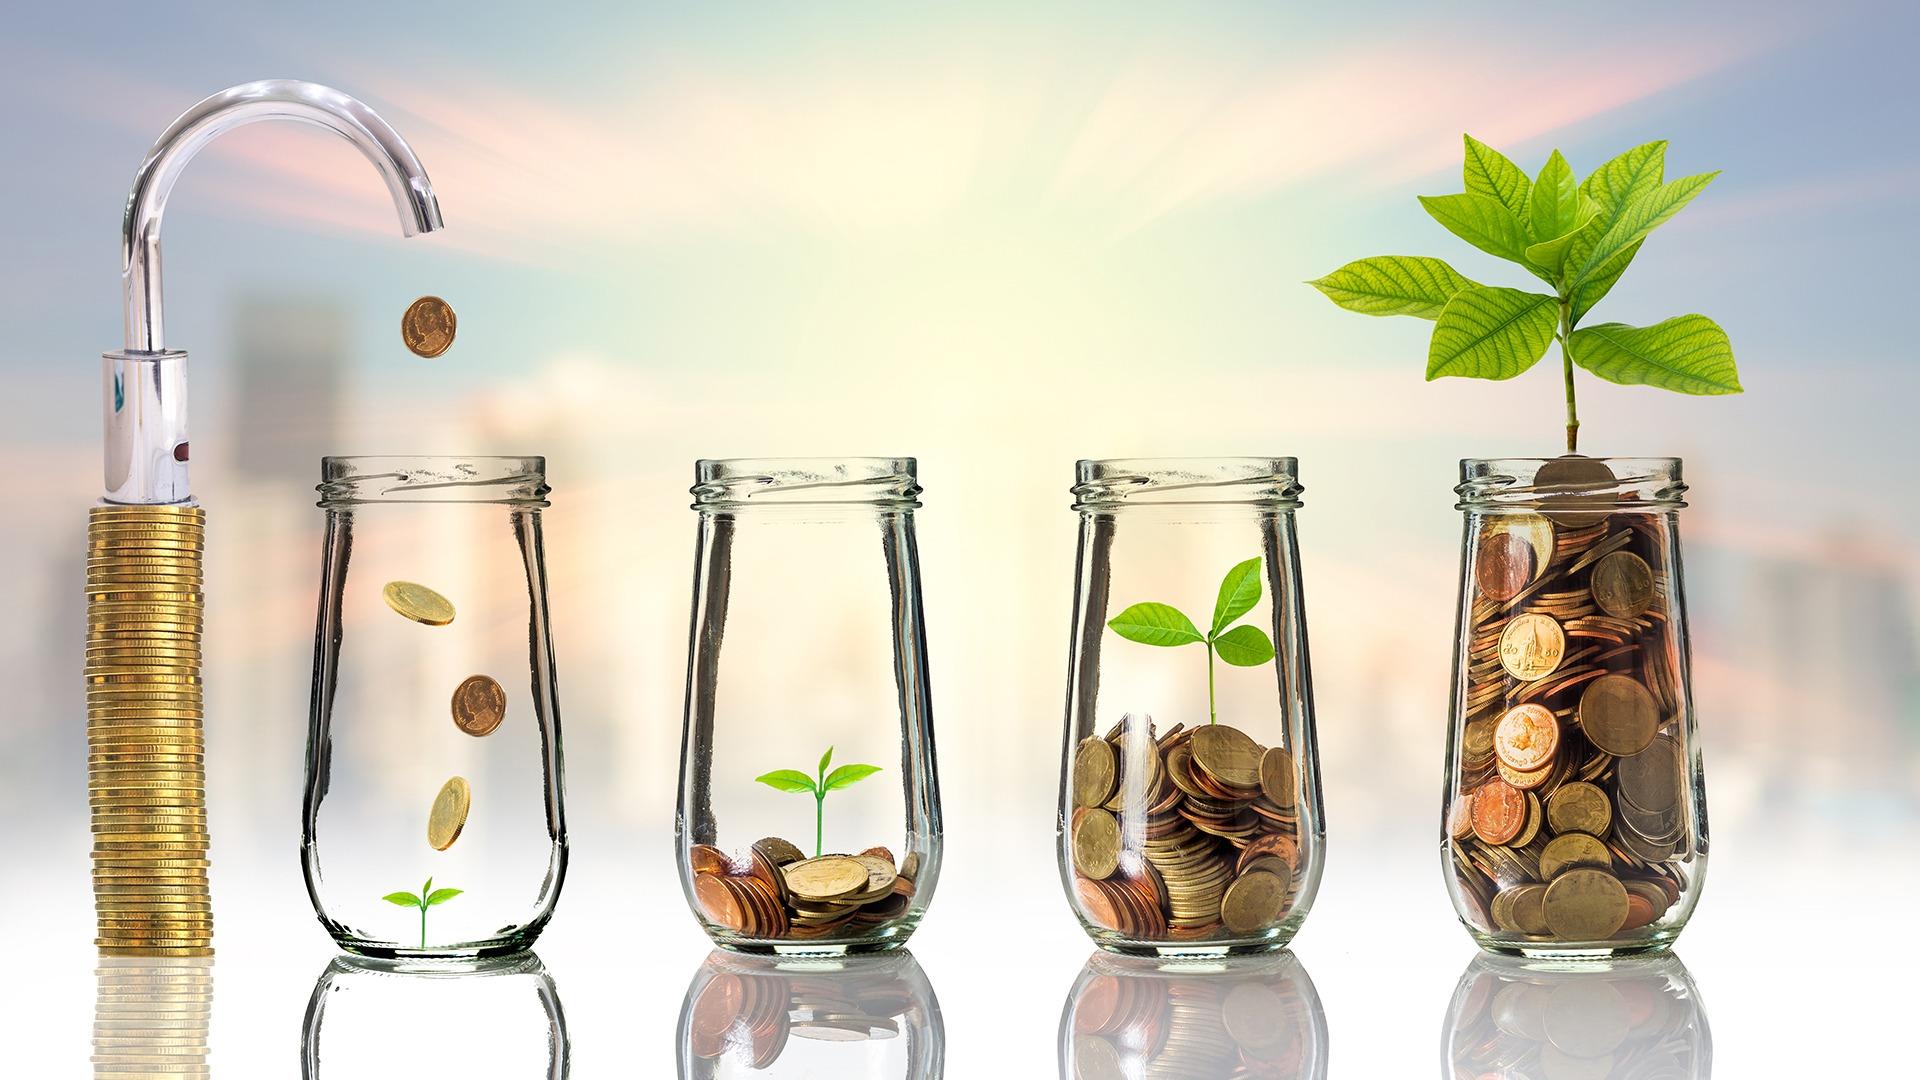 سرمایه گذاری ریالی پر سودایران فراسود